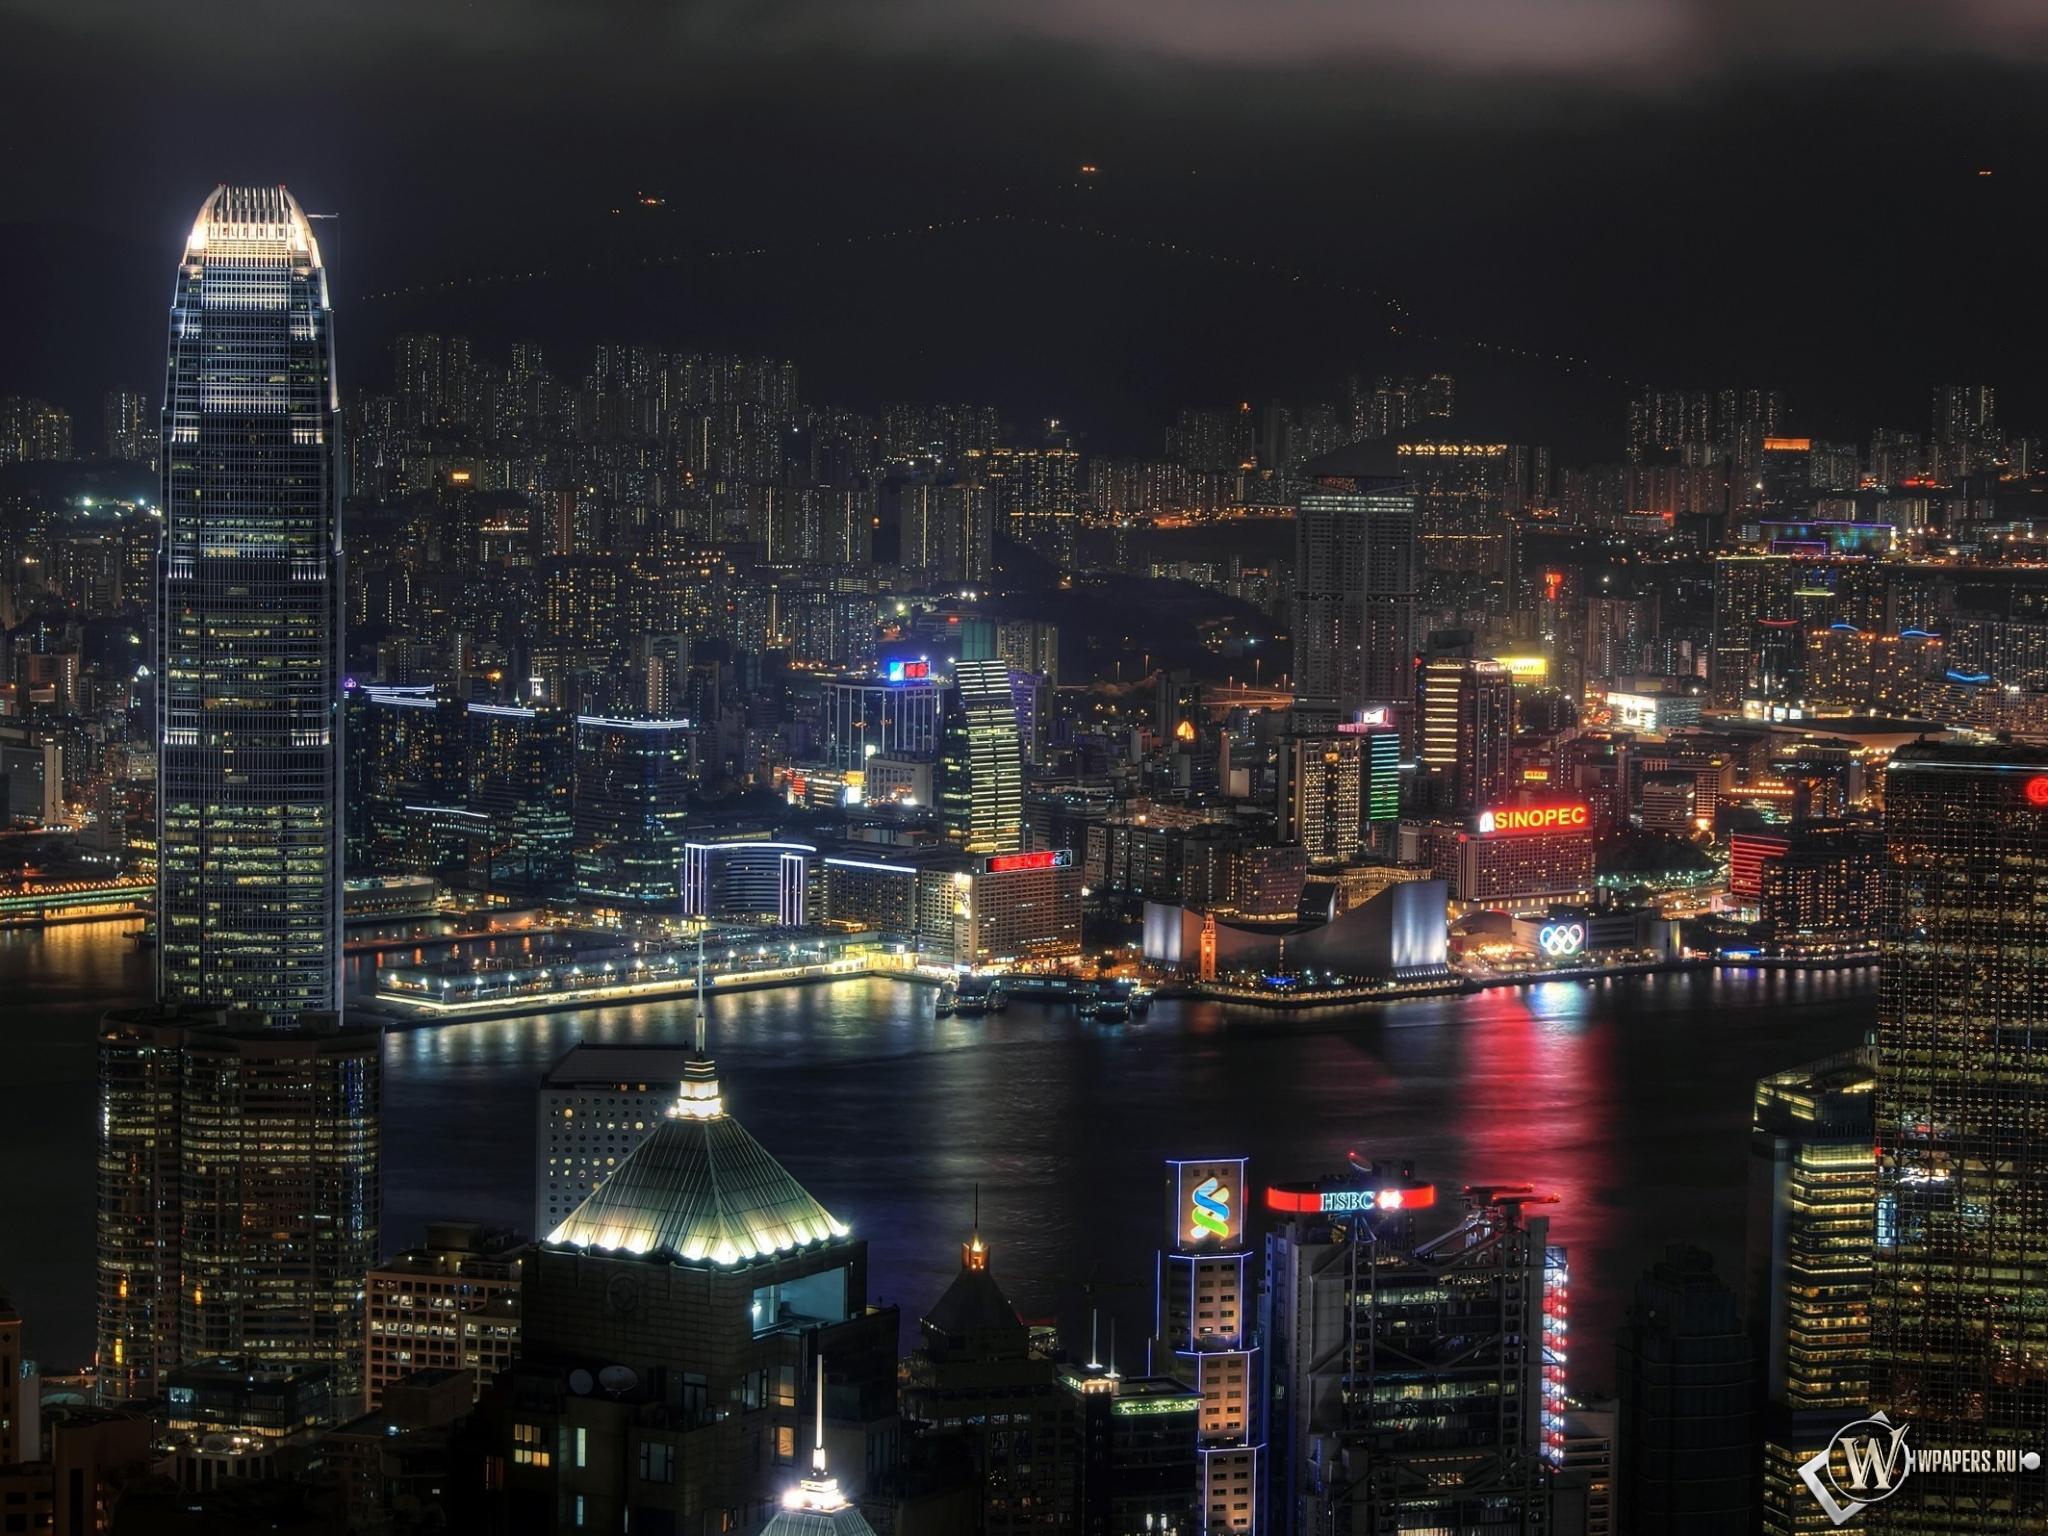 Ночной Гонконг 2048x1536